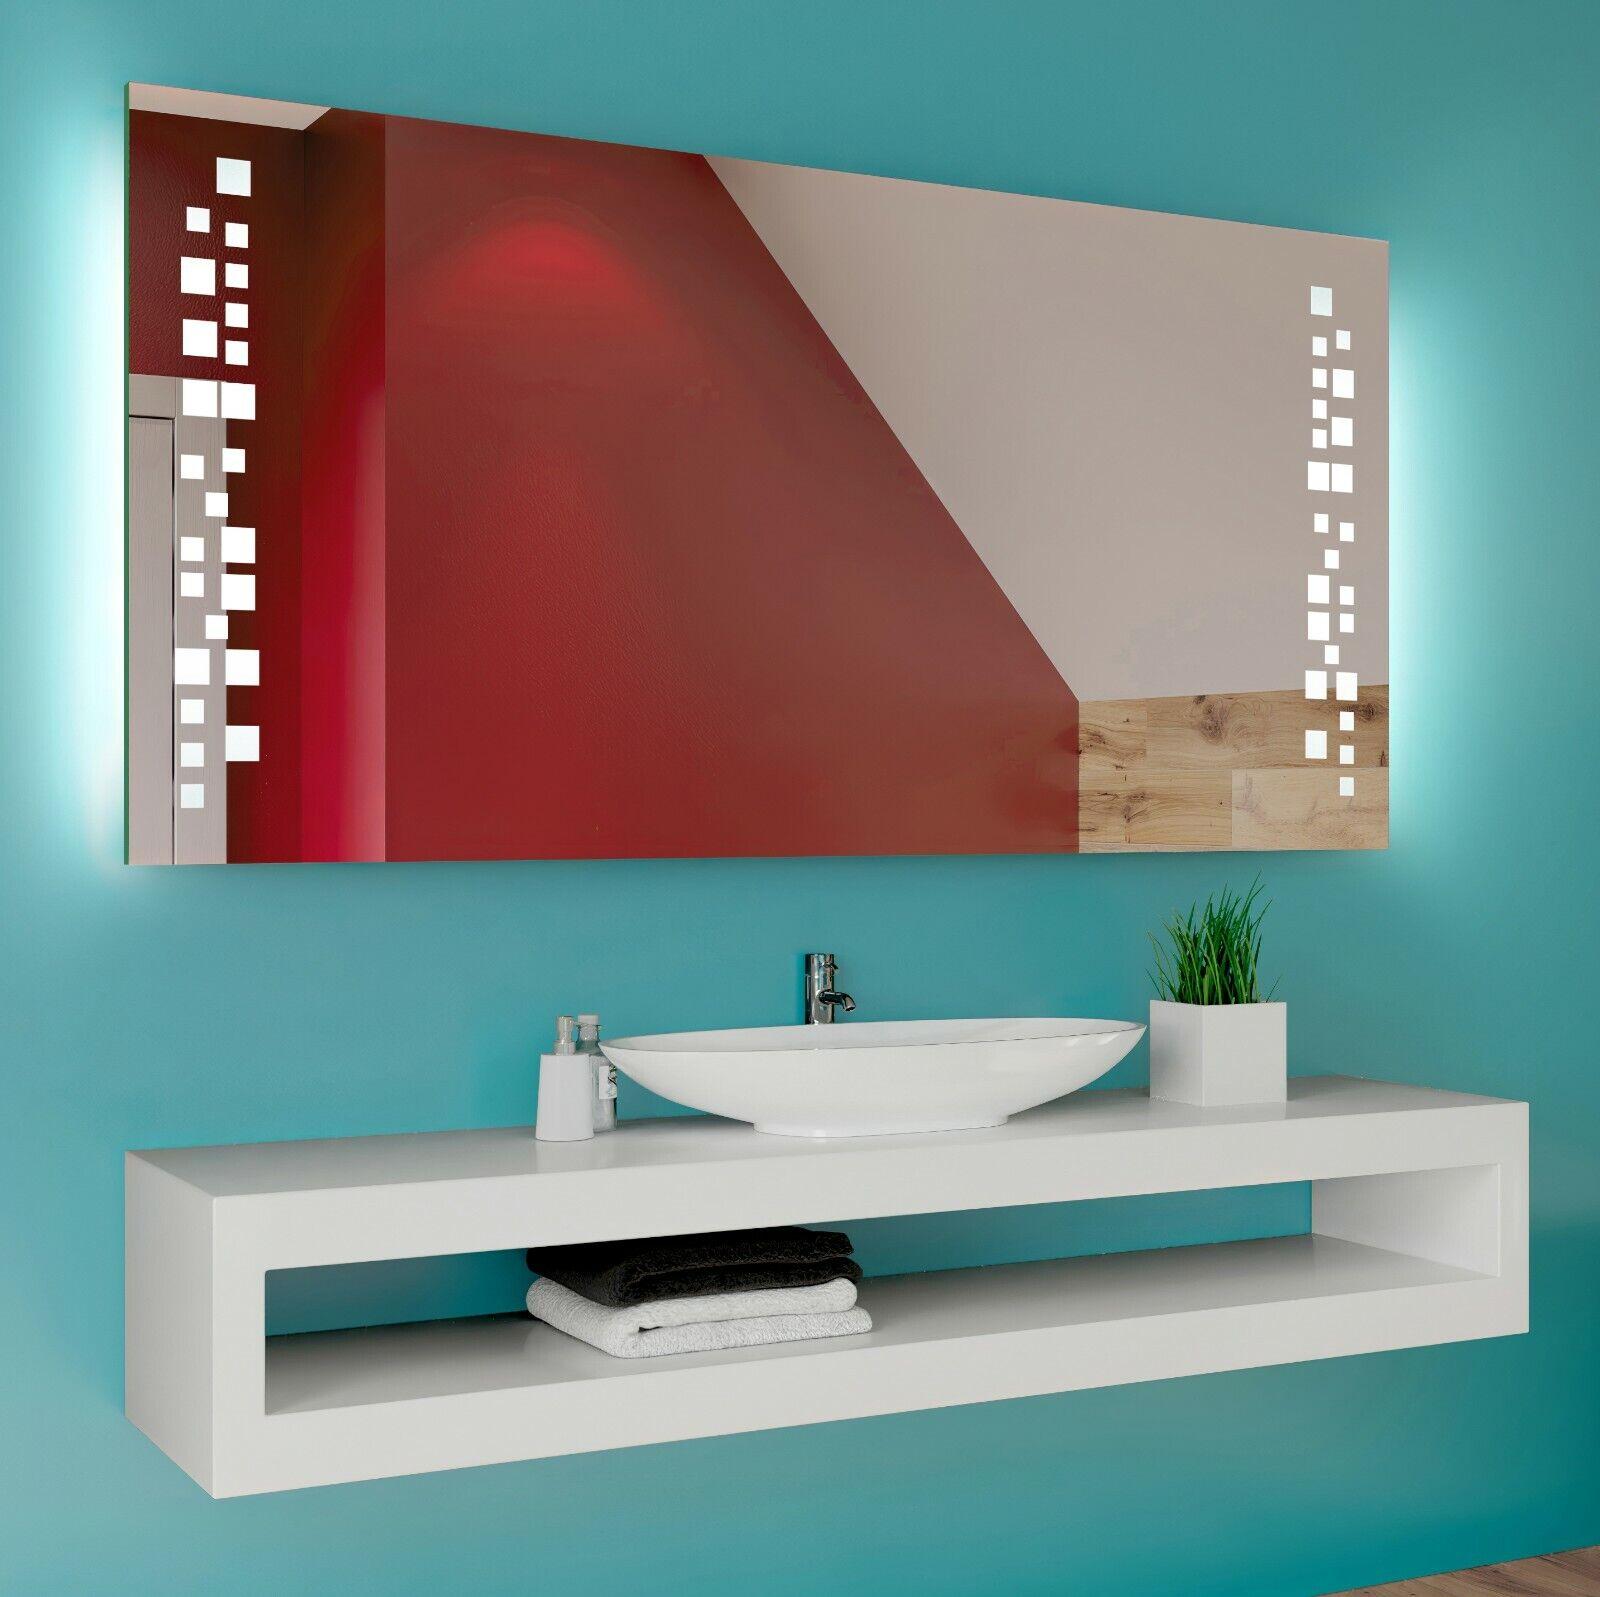 Badspiegel mit LED Beleuchtung Wandspiegel Spiegel Badezimmerspiegel nach Maß 38